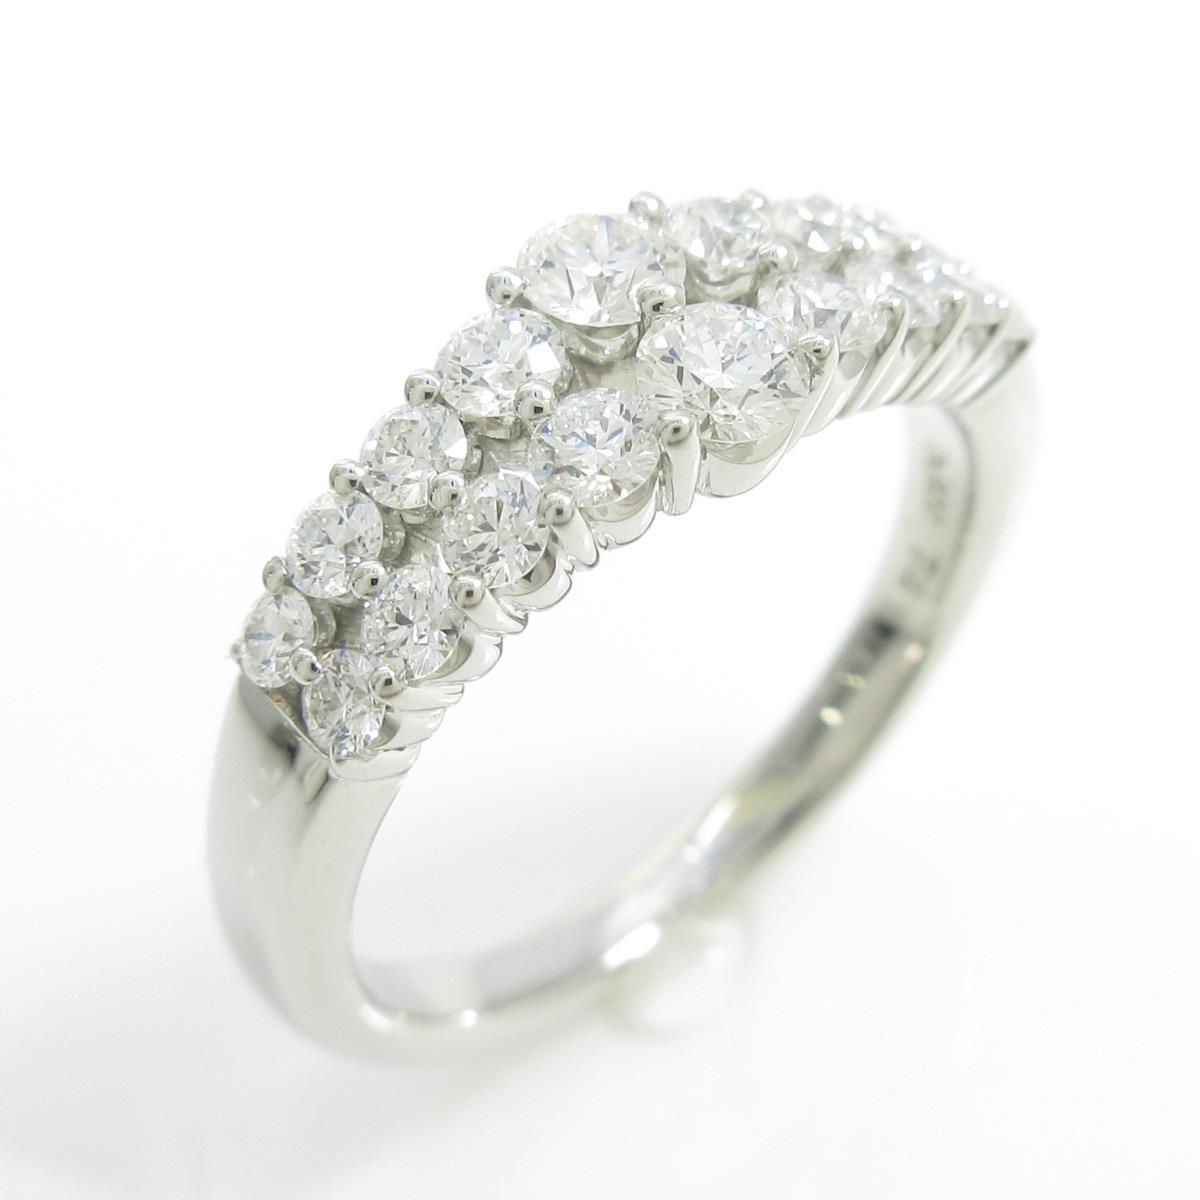 ラザール ダイヤモンド ダイヤモンドリング【中古】